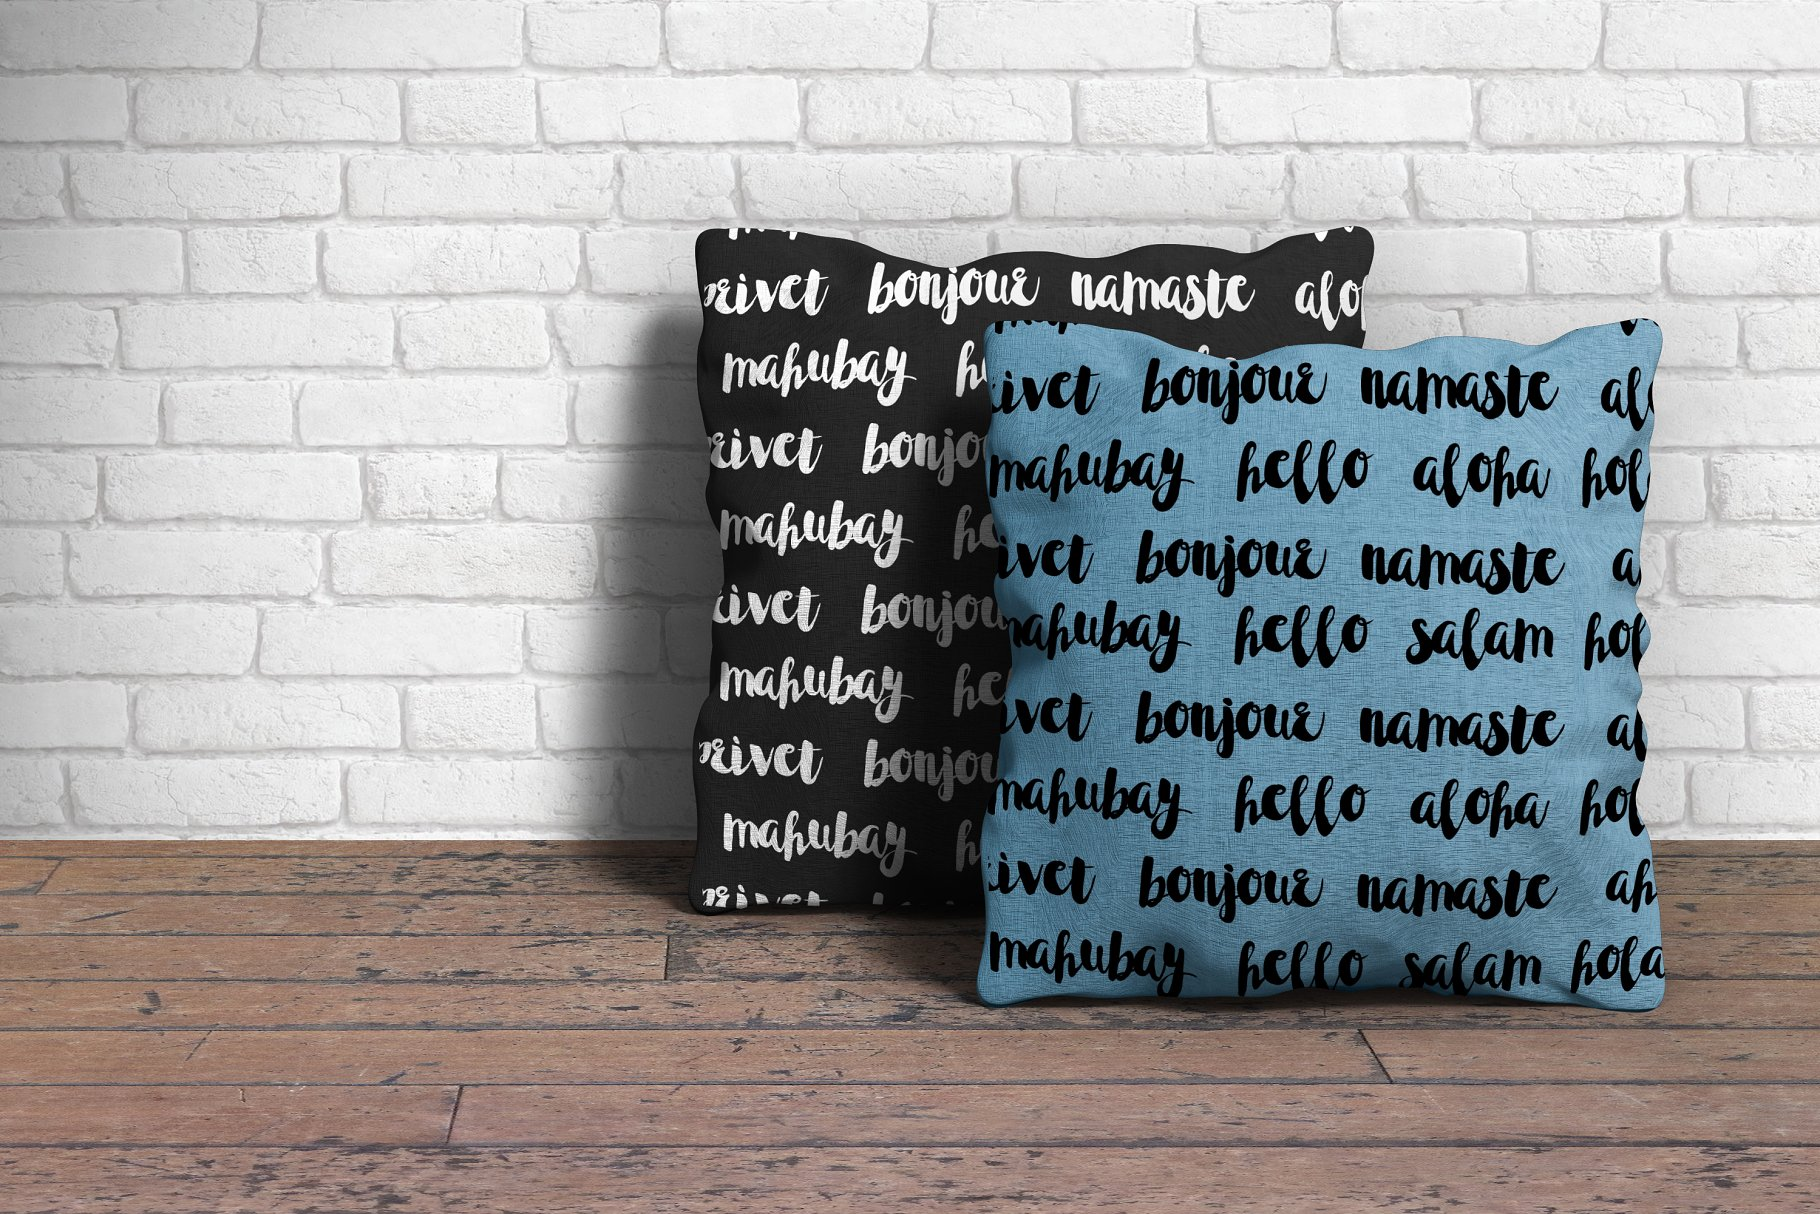 冬季味道的字体图形素材 Winter Tales - cozy font trio设计素材模板